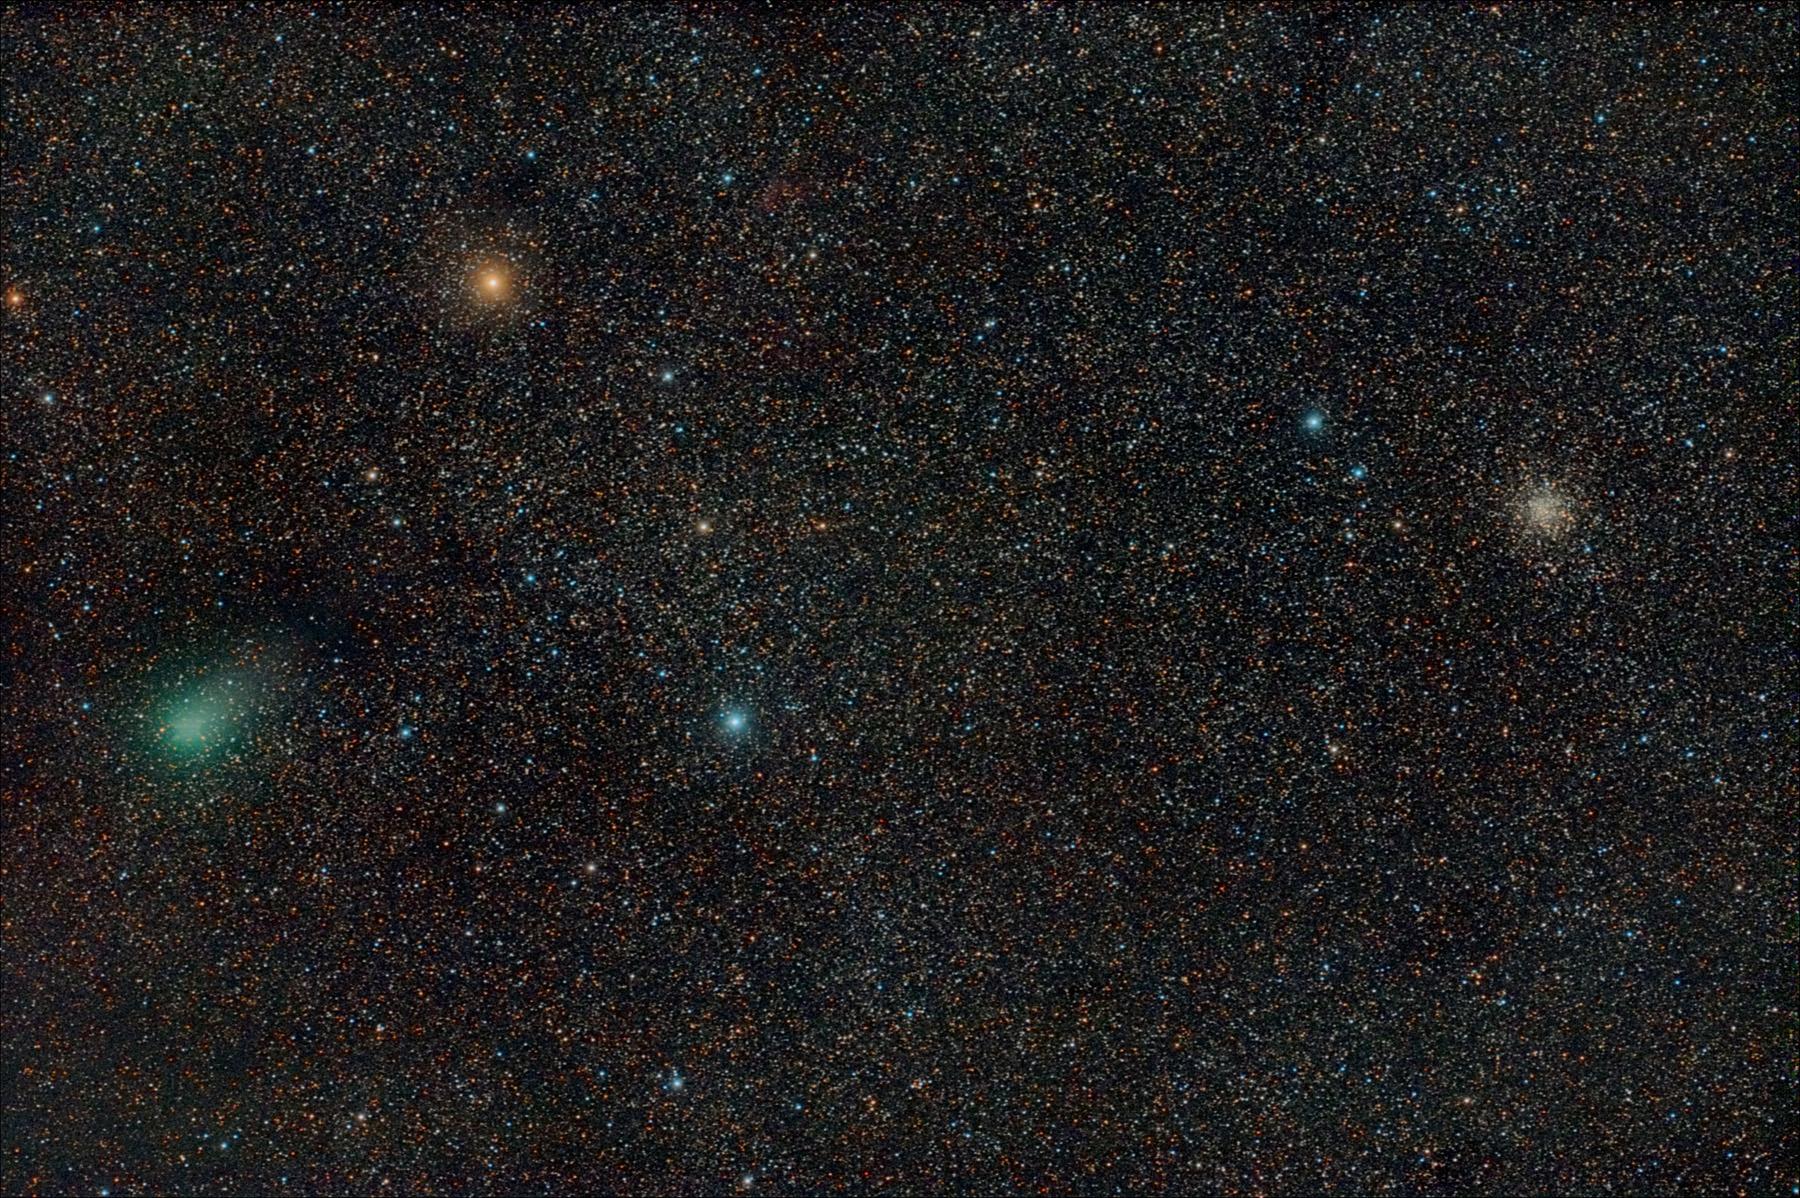 Cometa C/2009 P1 Garradd amb el cúmul M71